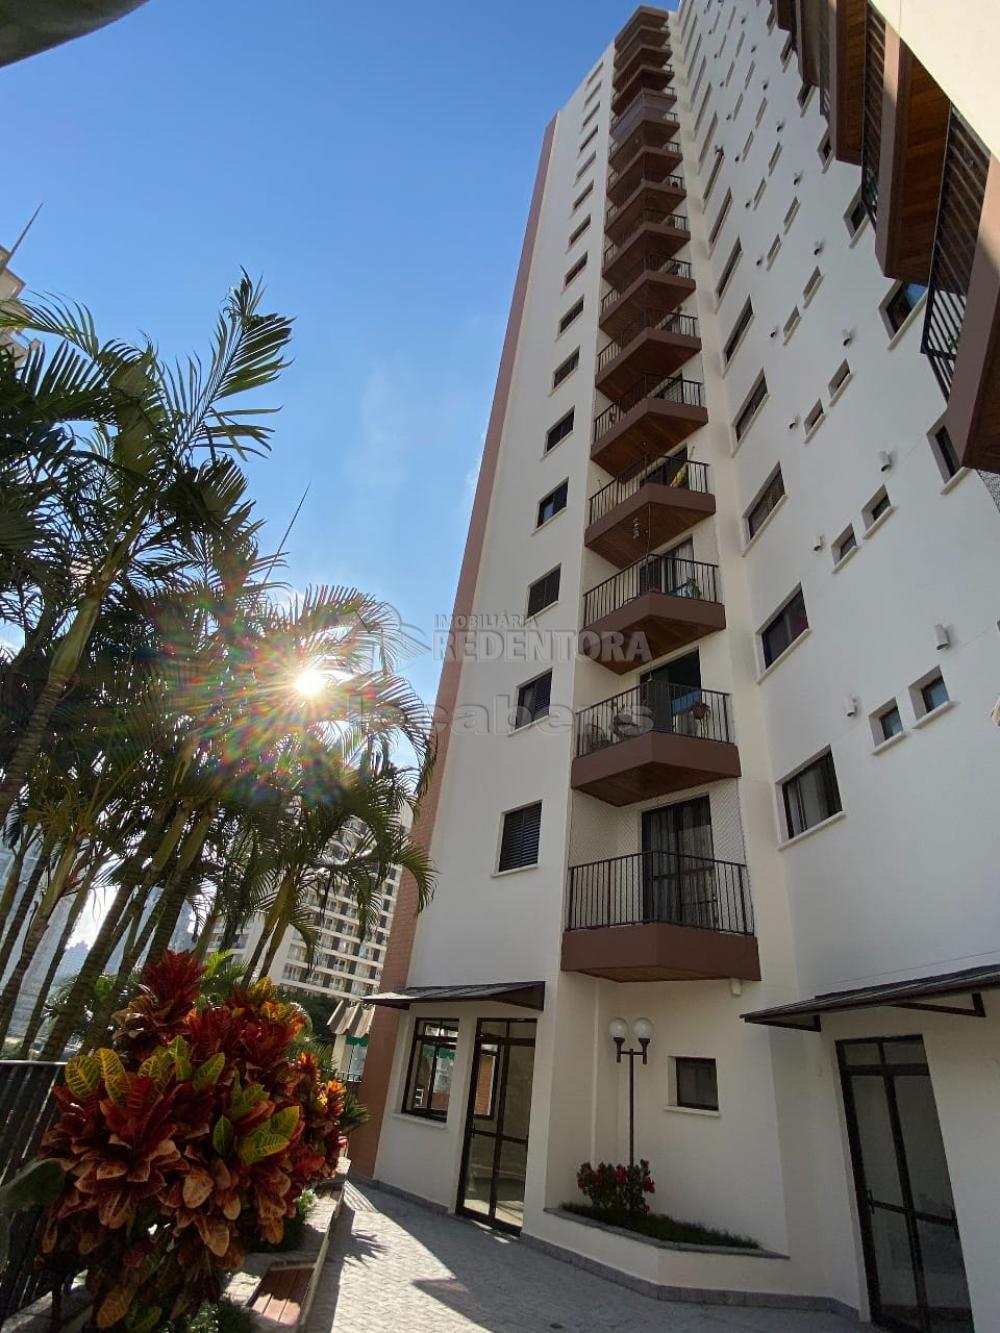 Comprar Apartamento / Padrão em São Paulo R$ 495.000,00 - Foto 1